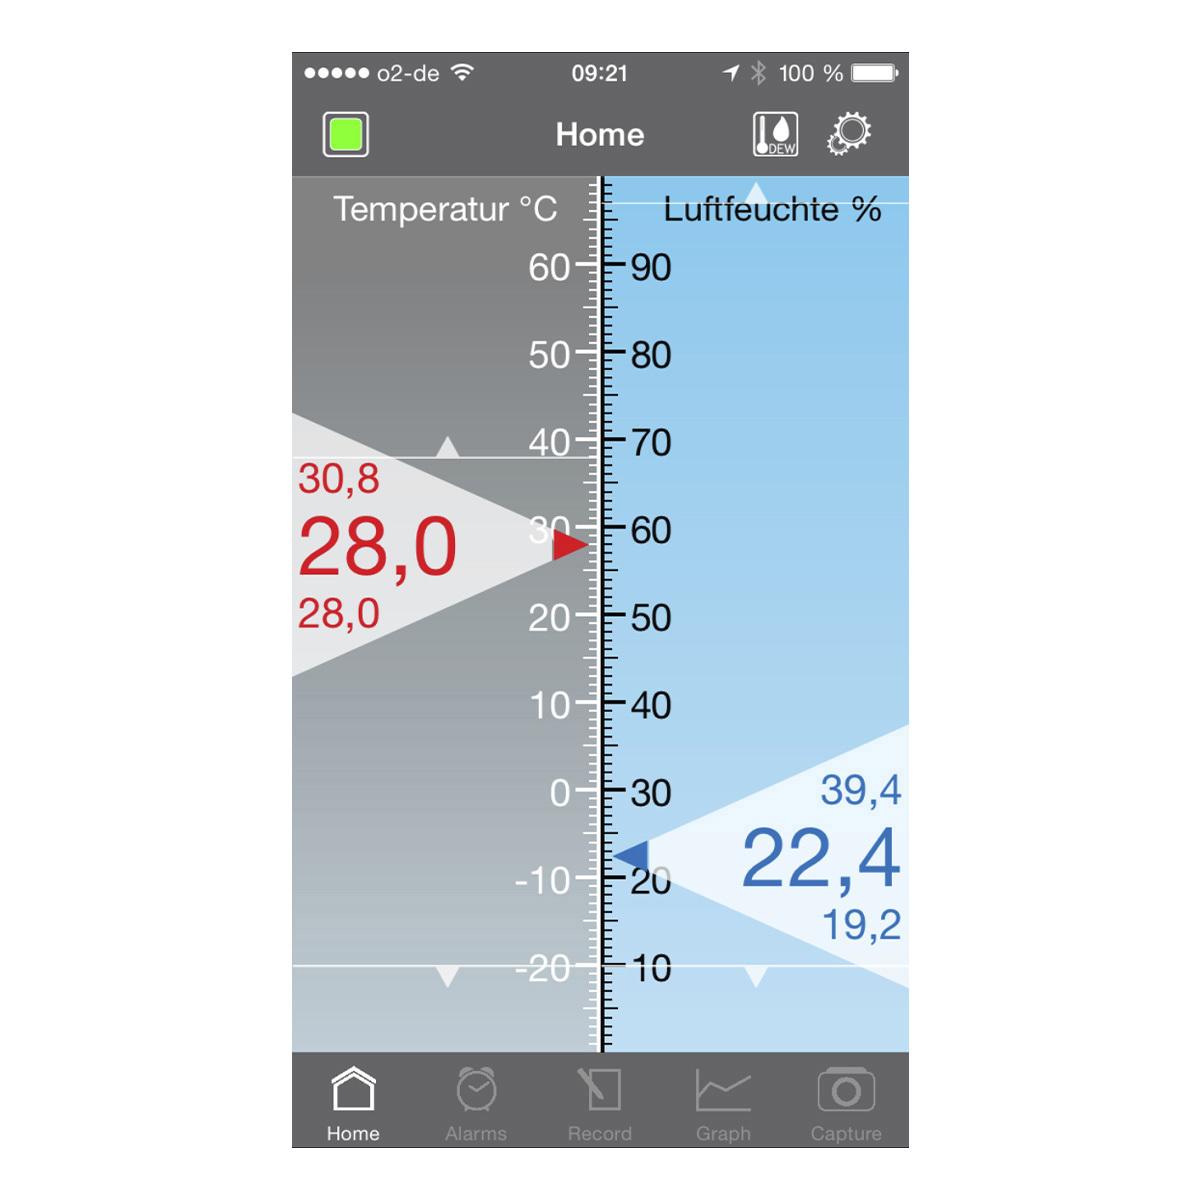 30-5035-01-thermo-hygrometer-für-smartphones-smarthy-app-anwendung4-1200x1200px.jpg